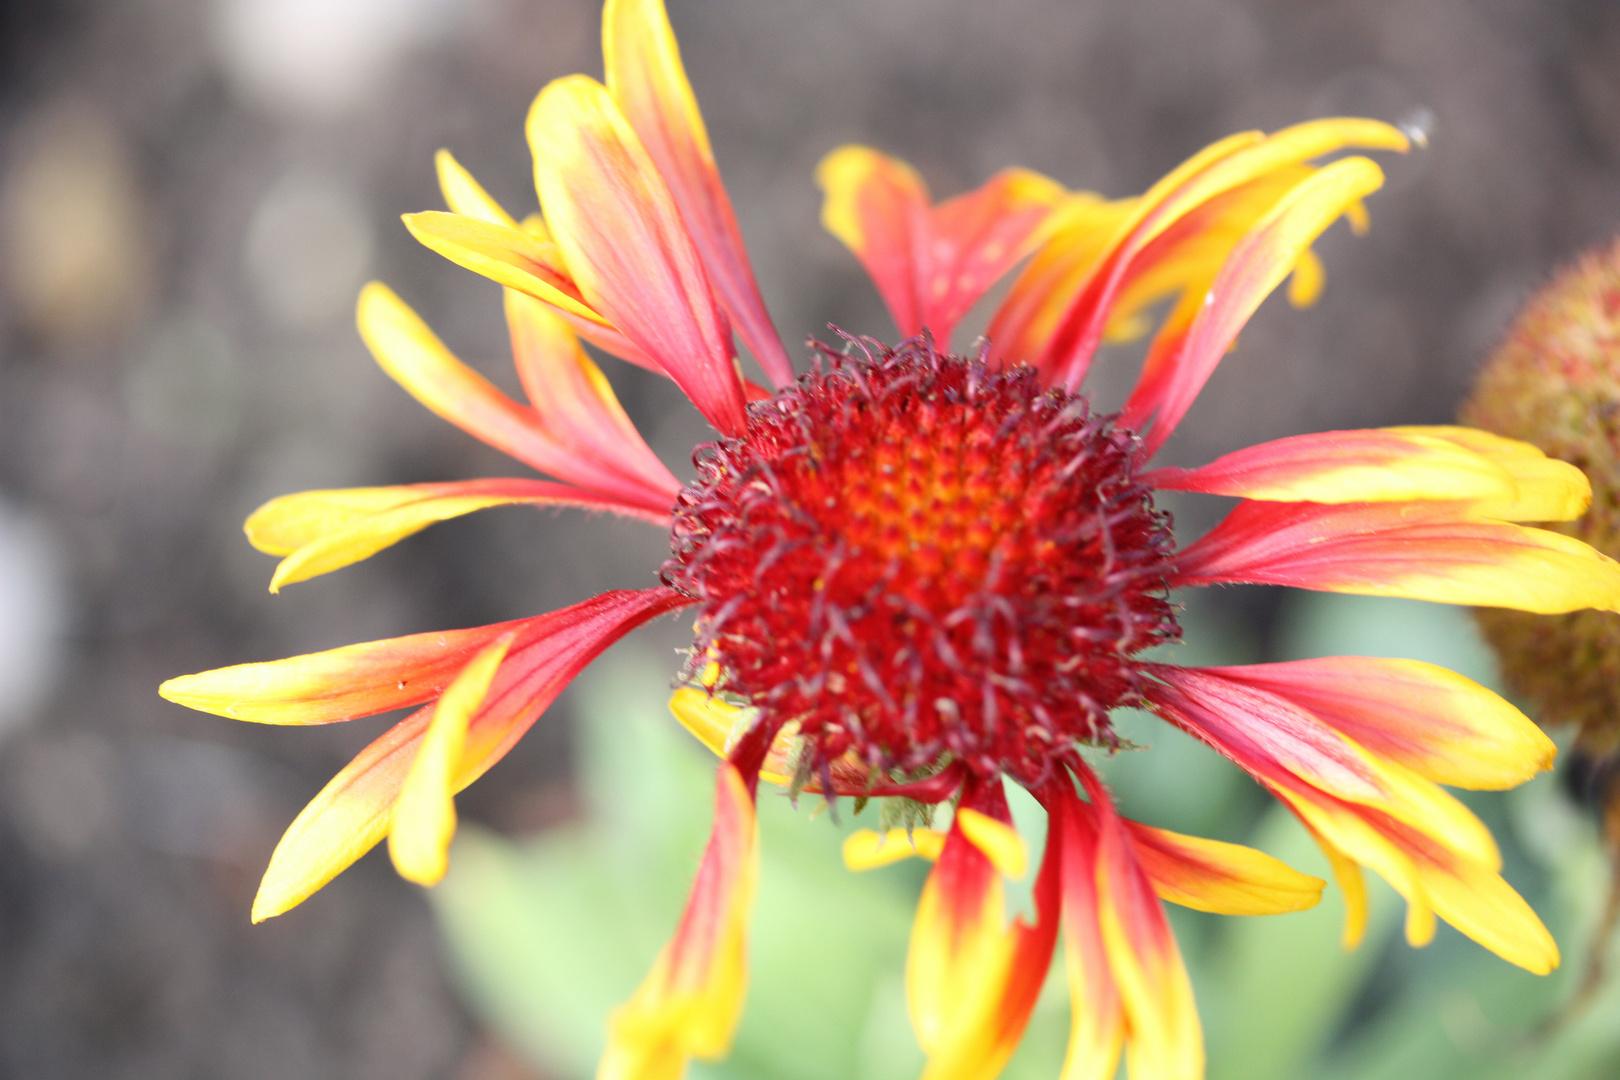 Le piaf floral